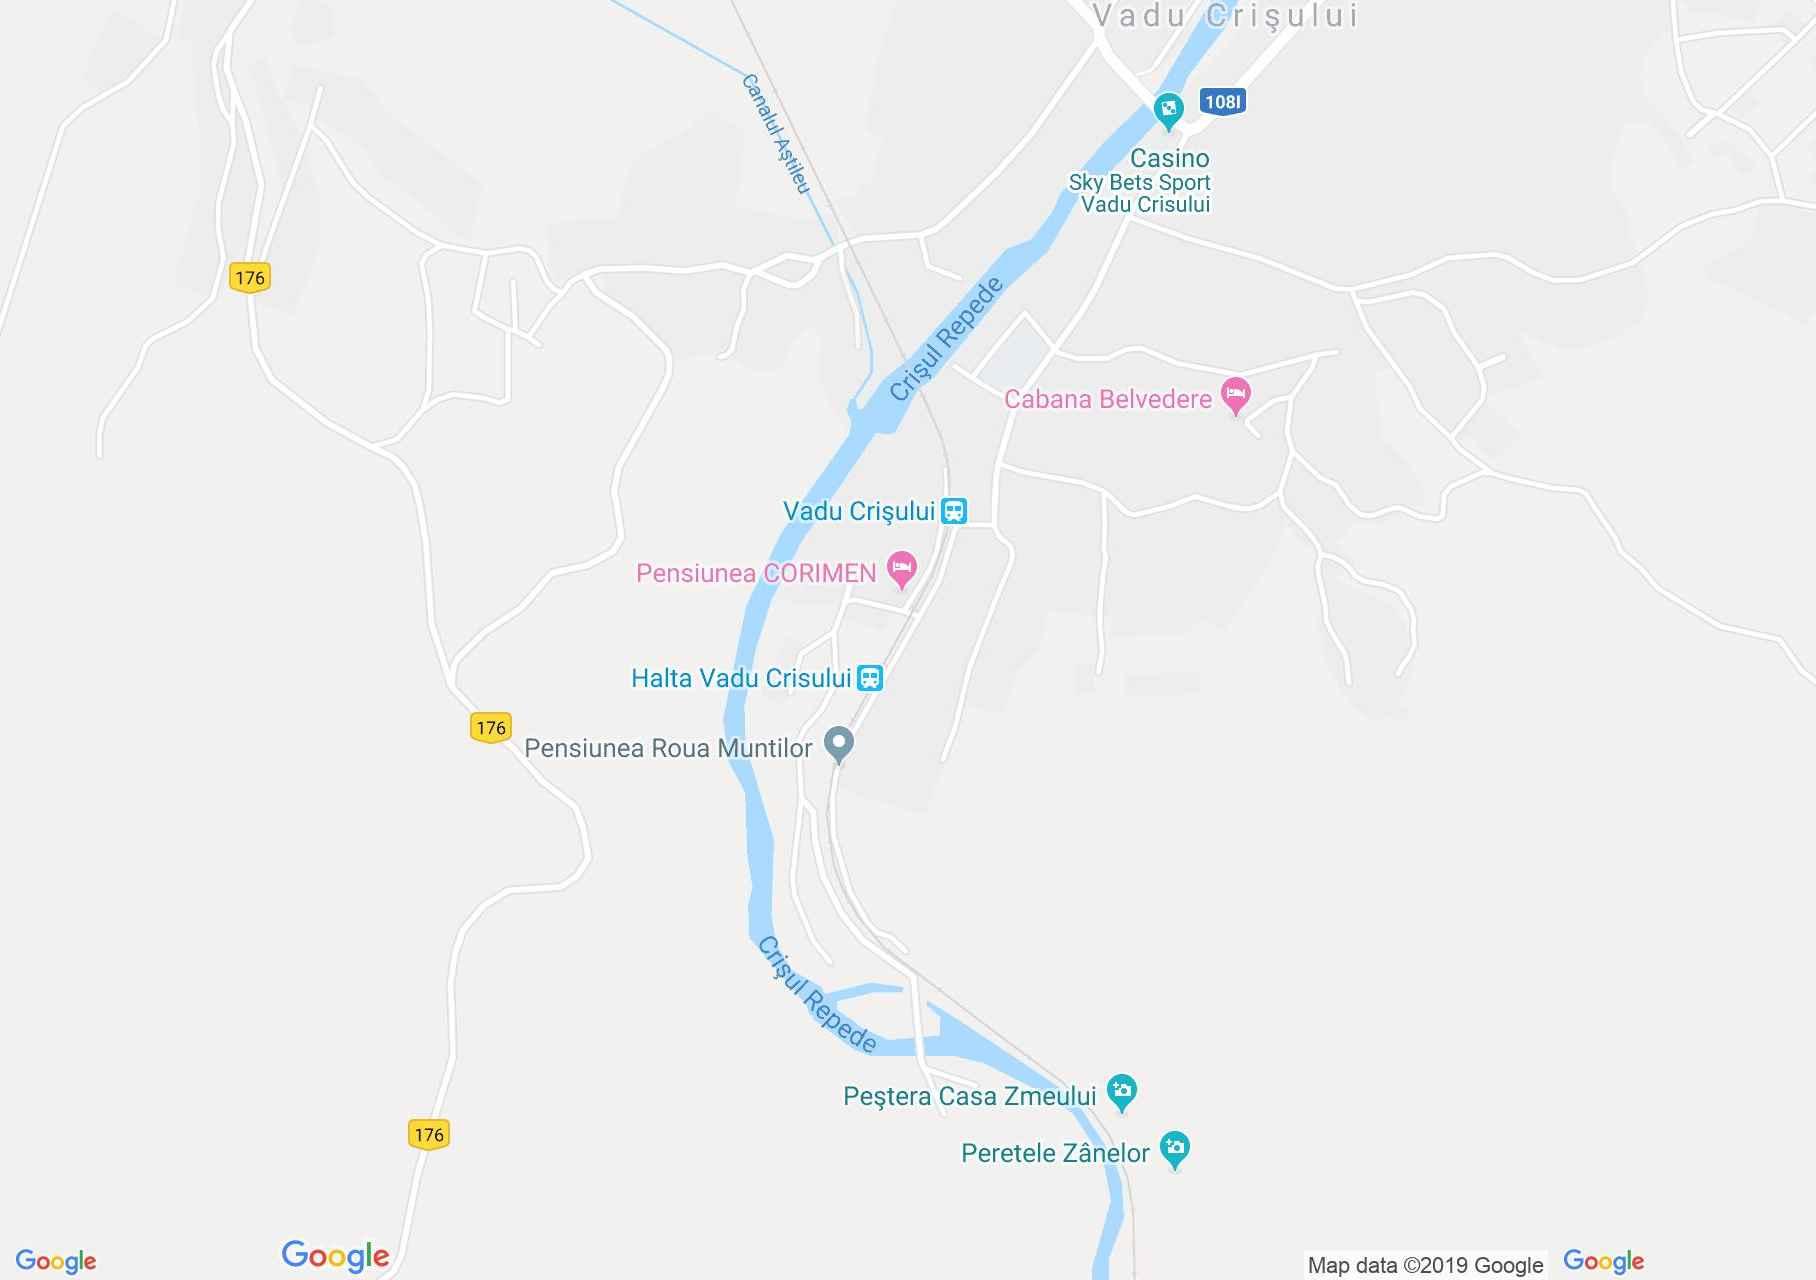 Map of Vadu Crişului: Podireu II cave